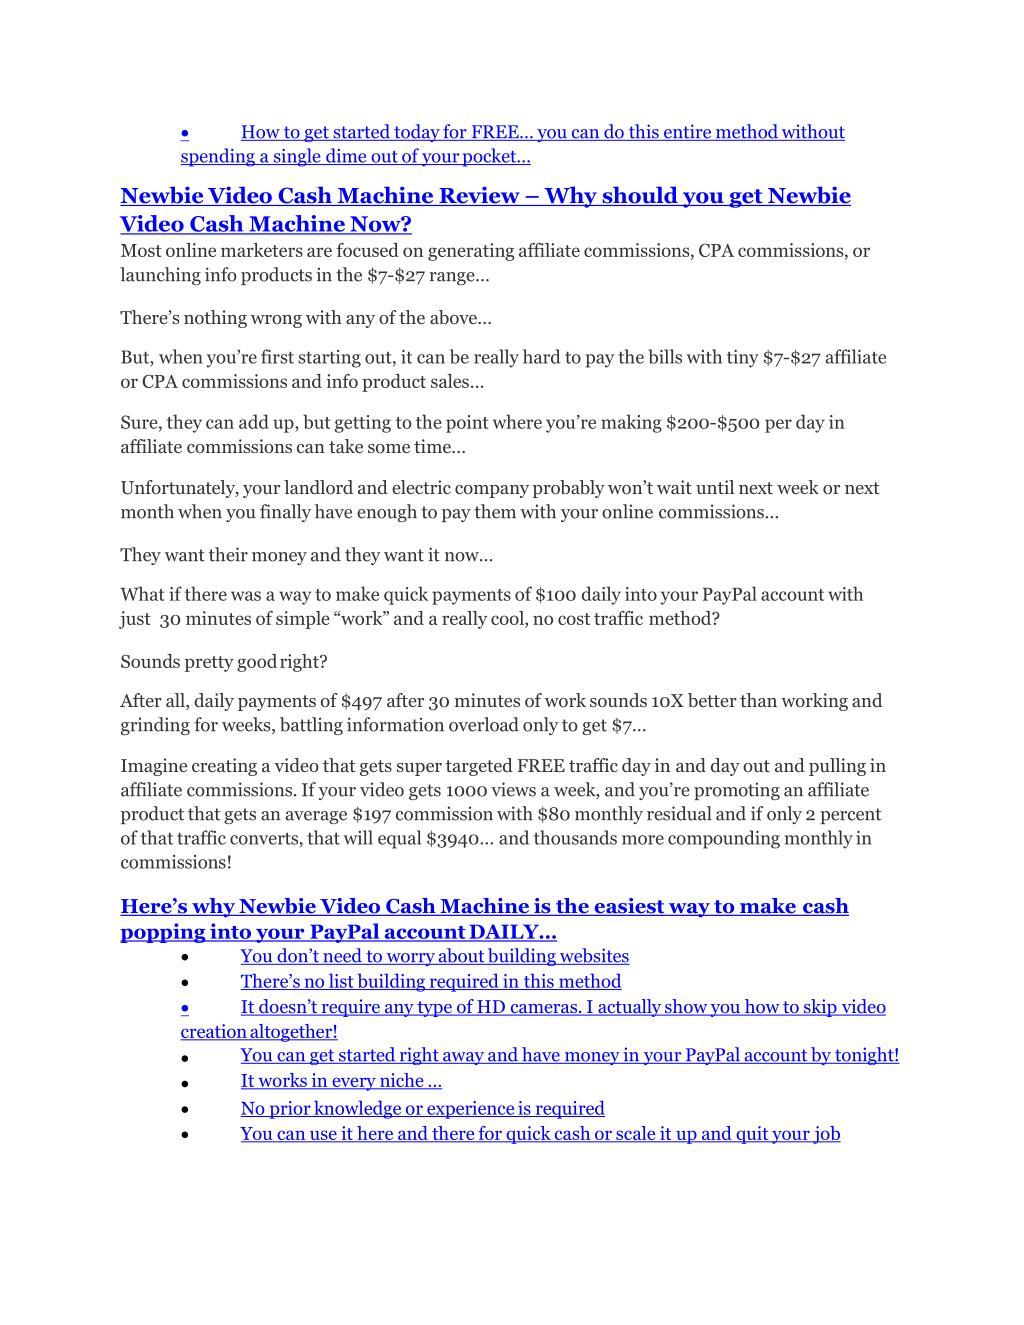 PPT - Newbie Video Cash Machine Review & Newbie Video Cash